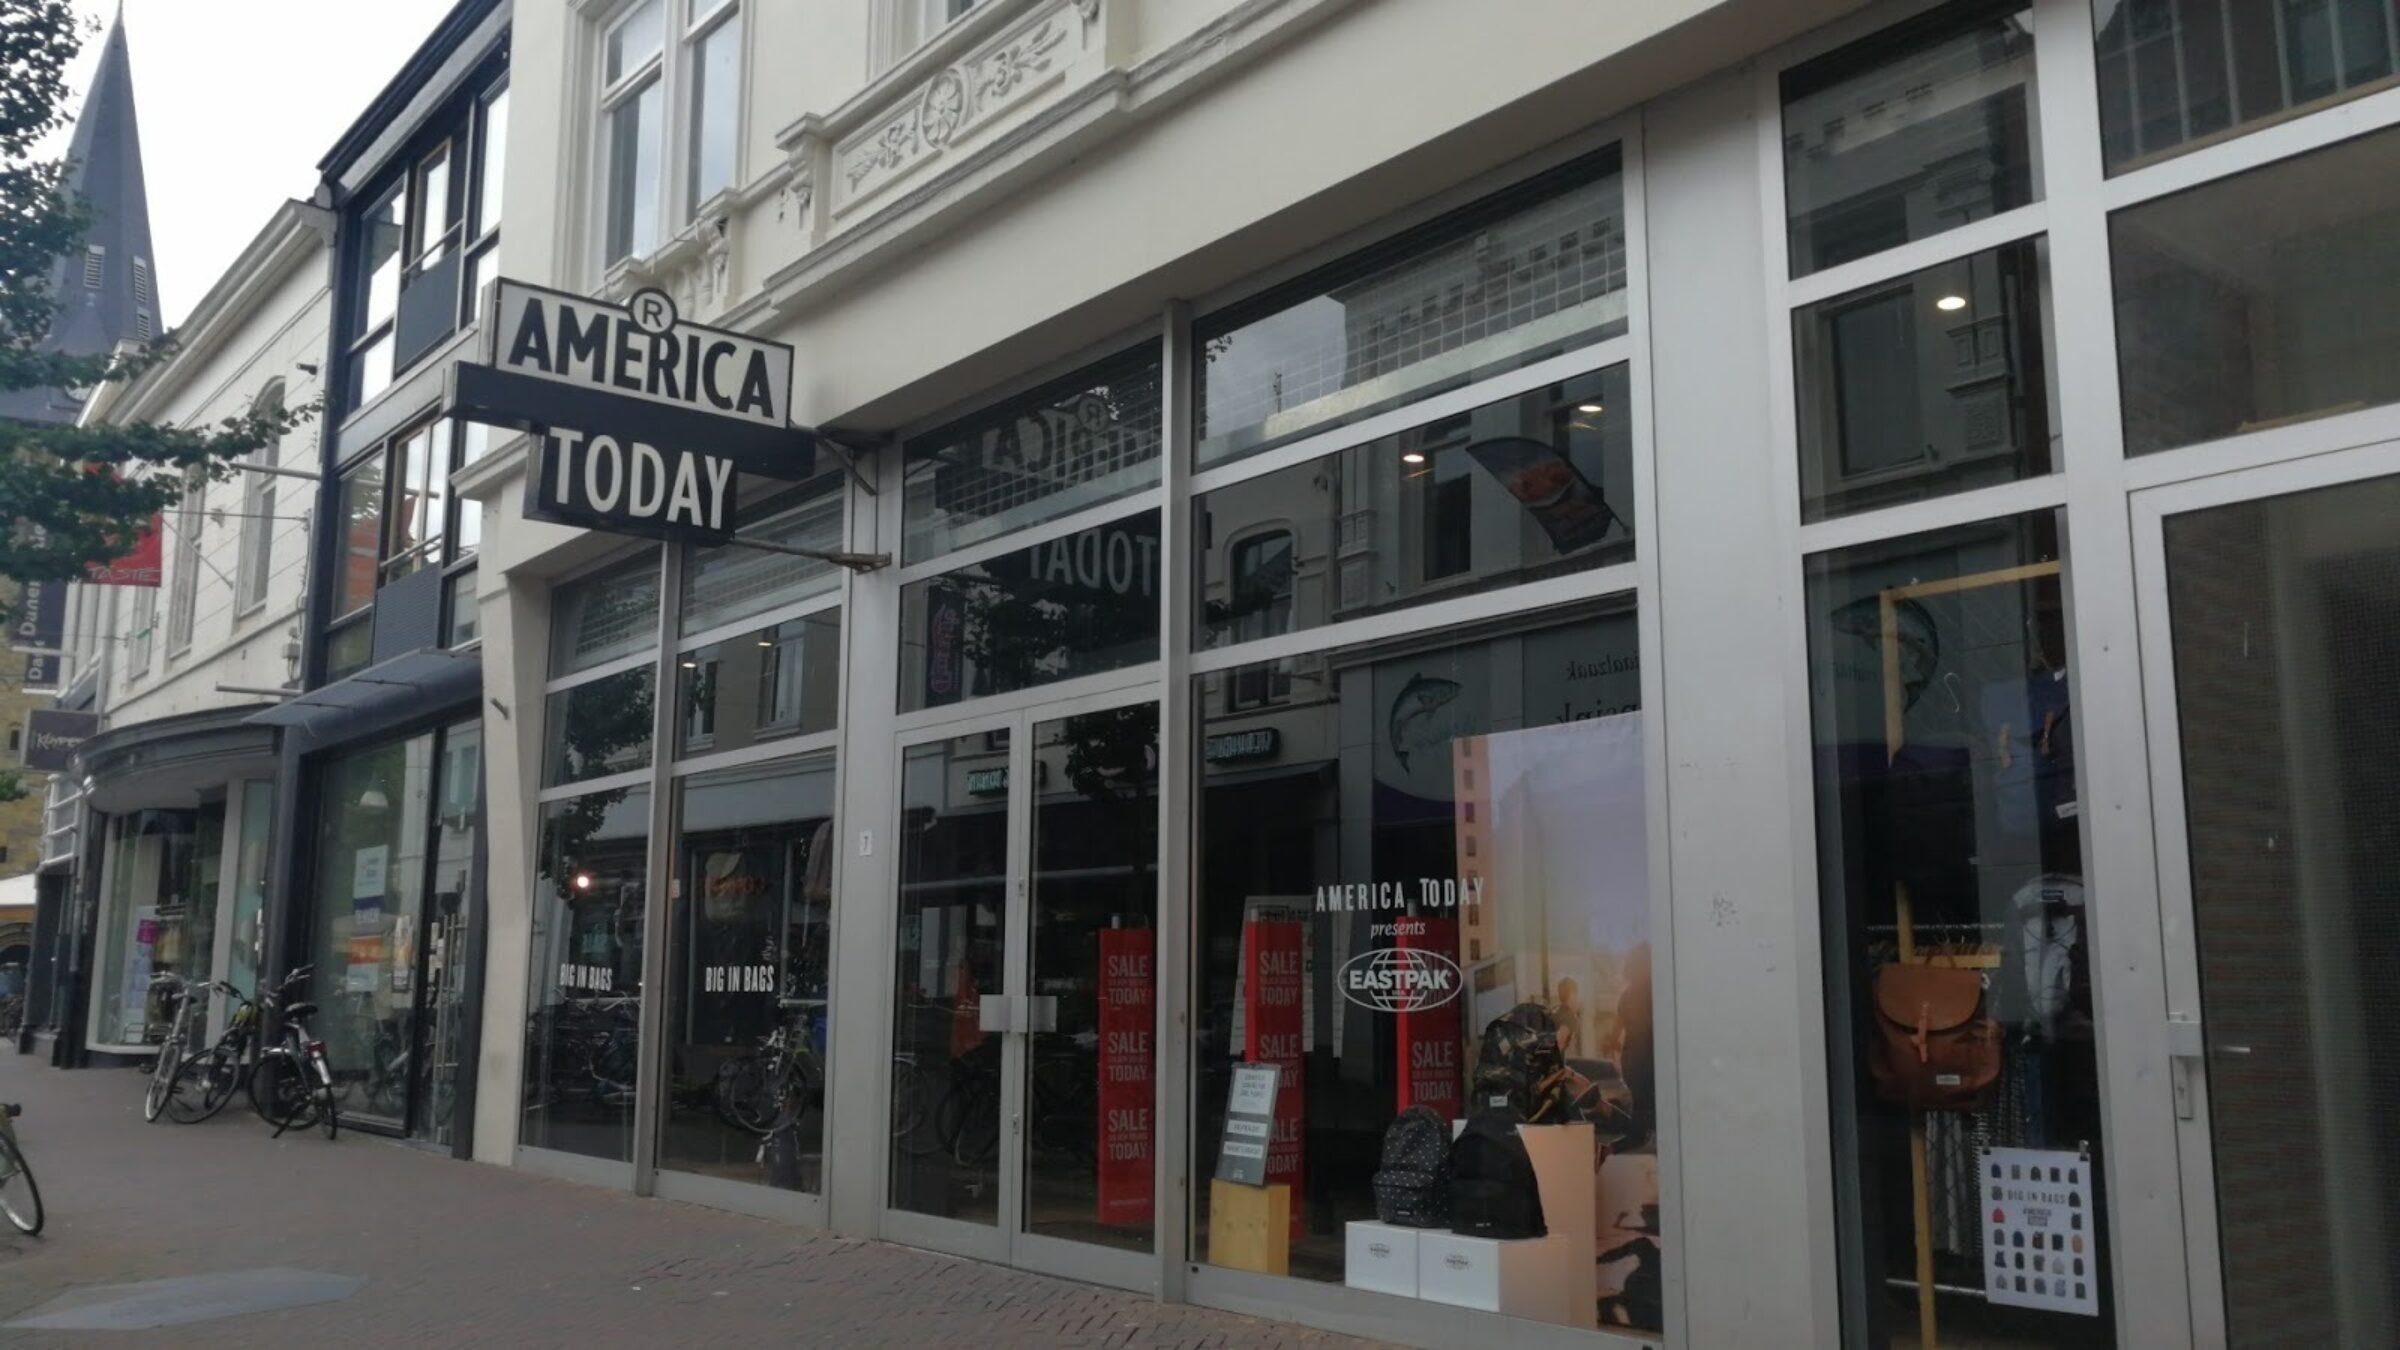 America today marktstraat